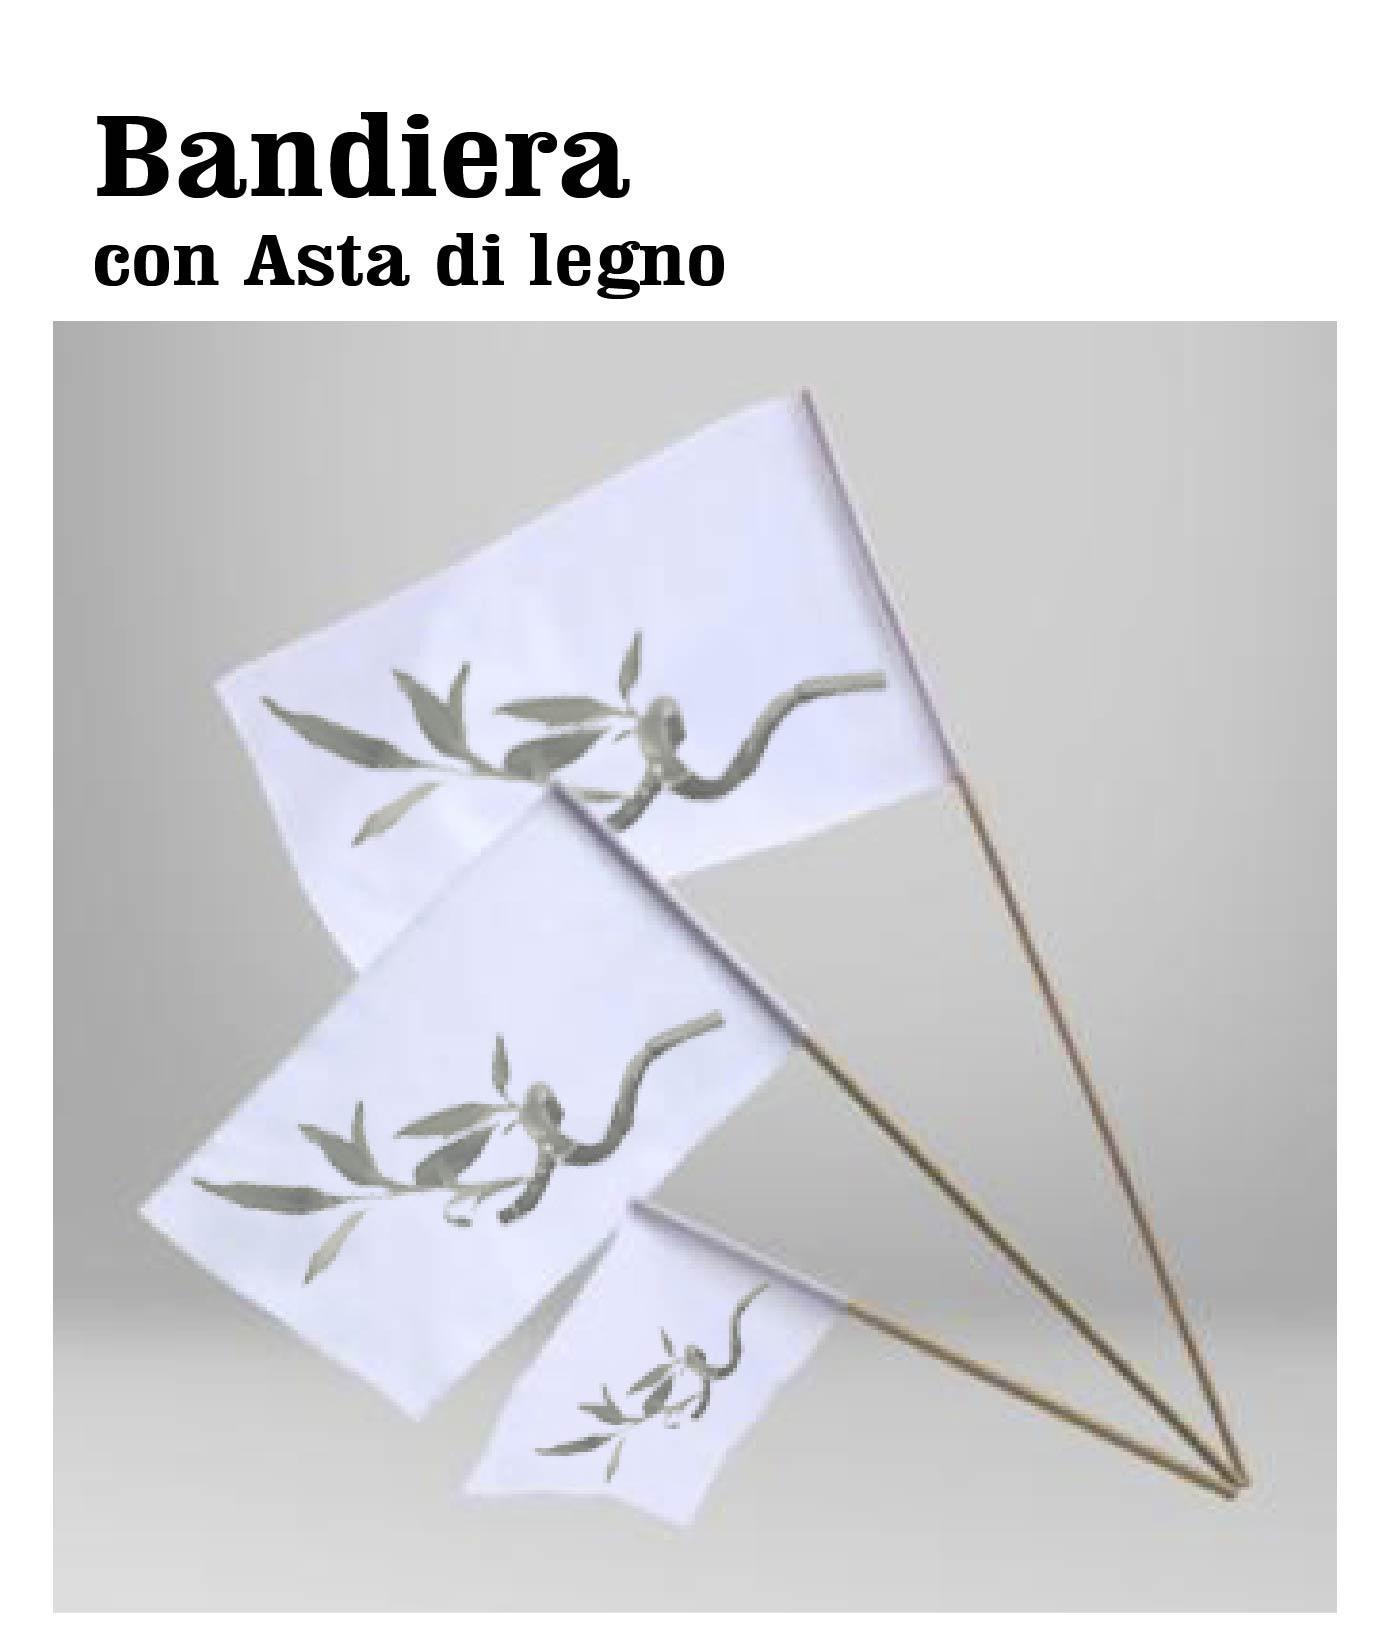 BANDIERE CON ASTA DI LEGNO